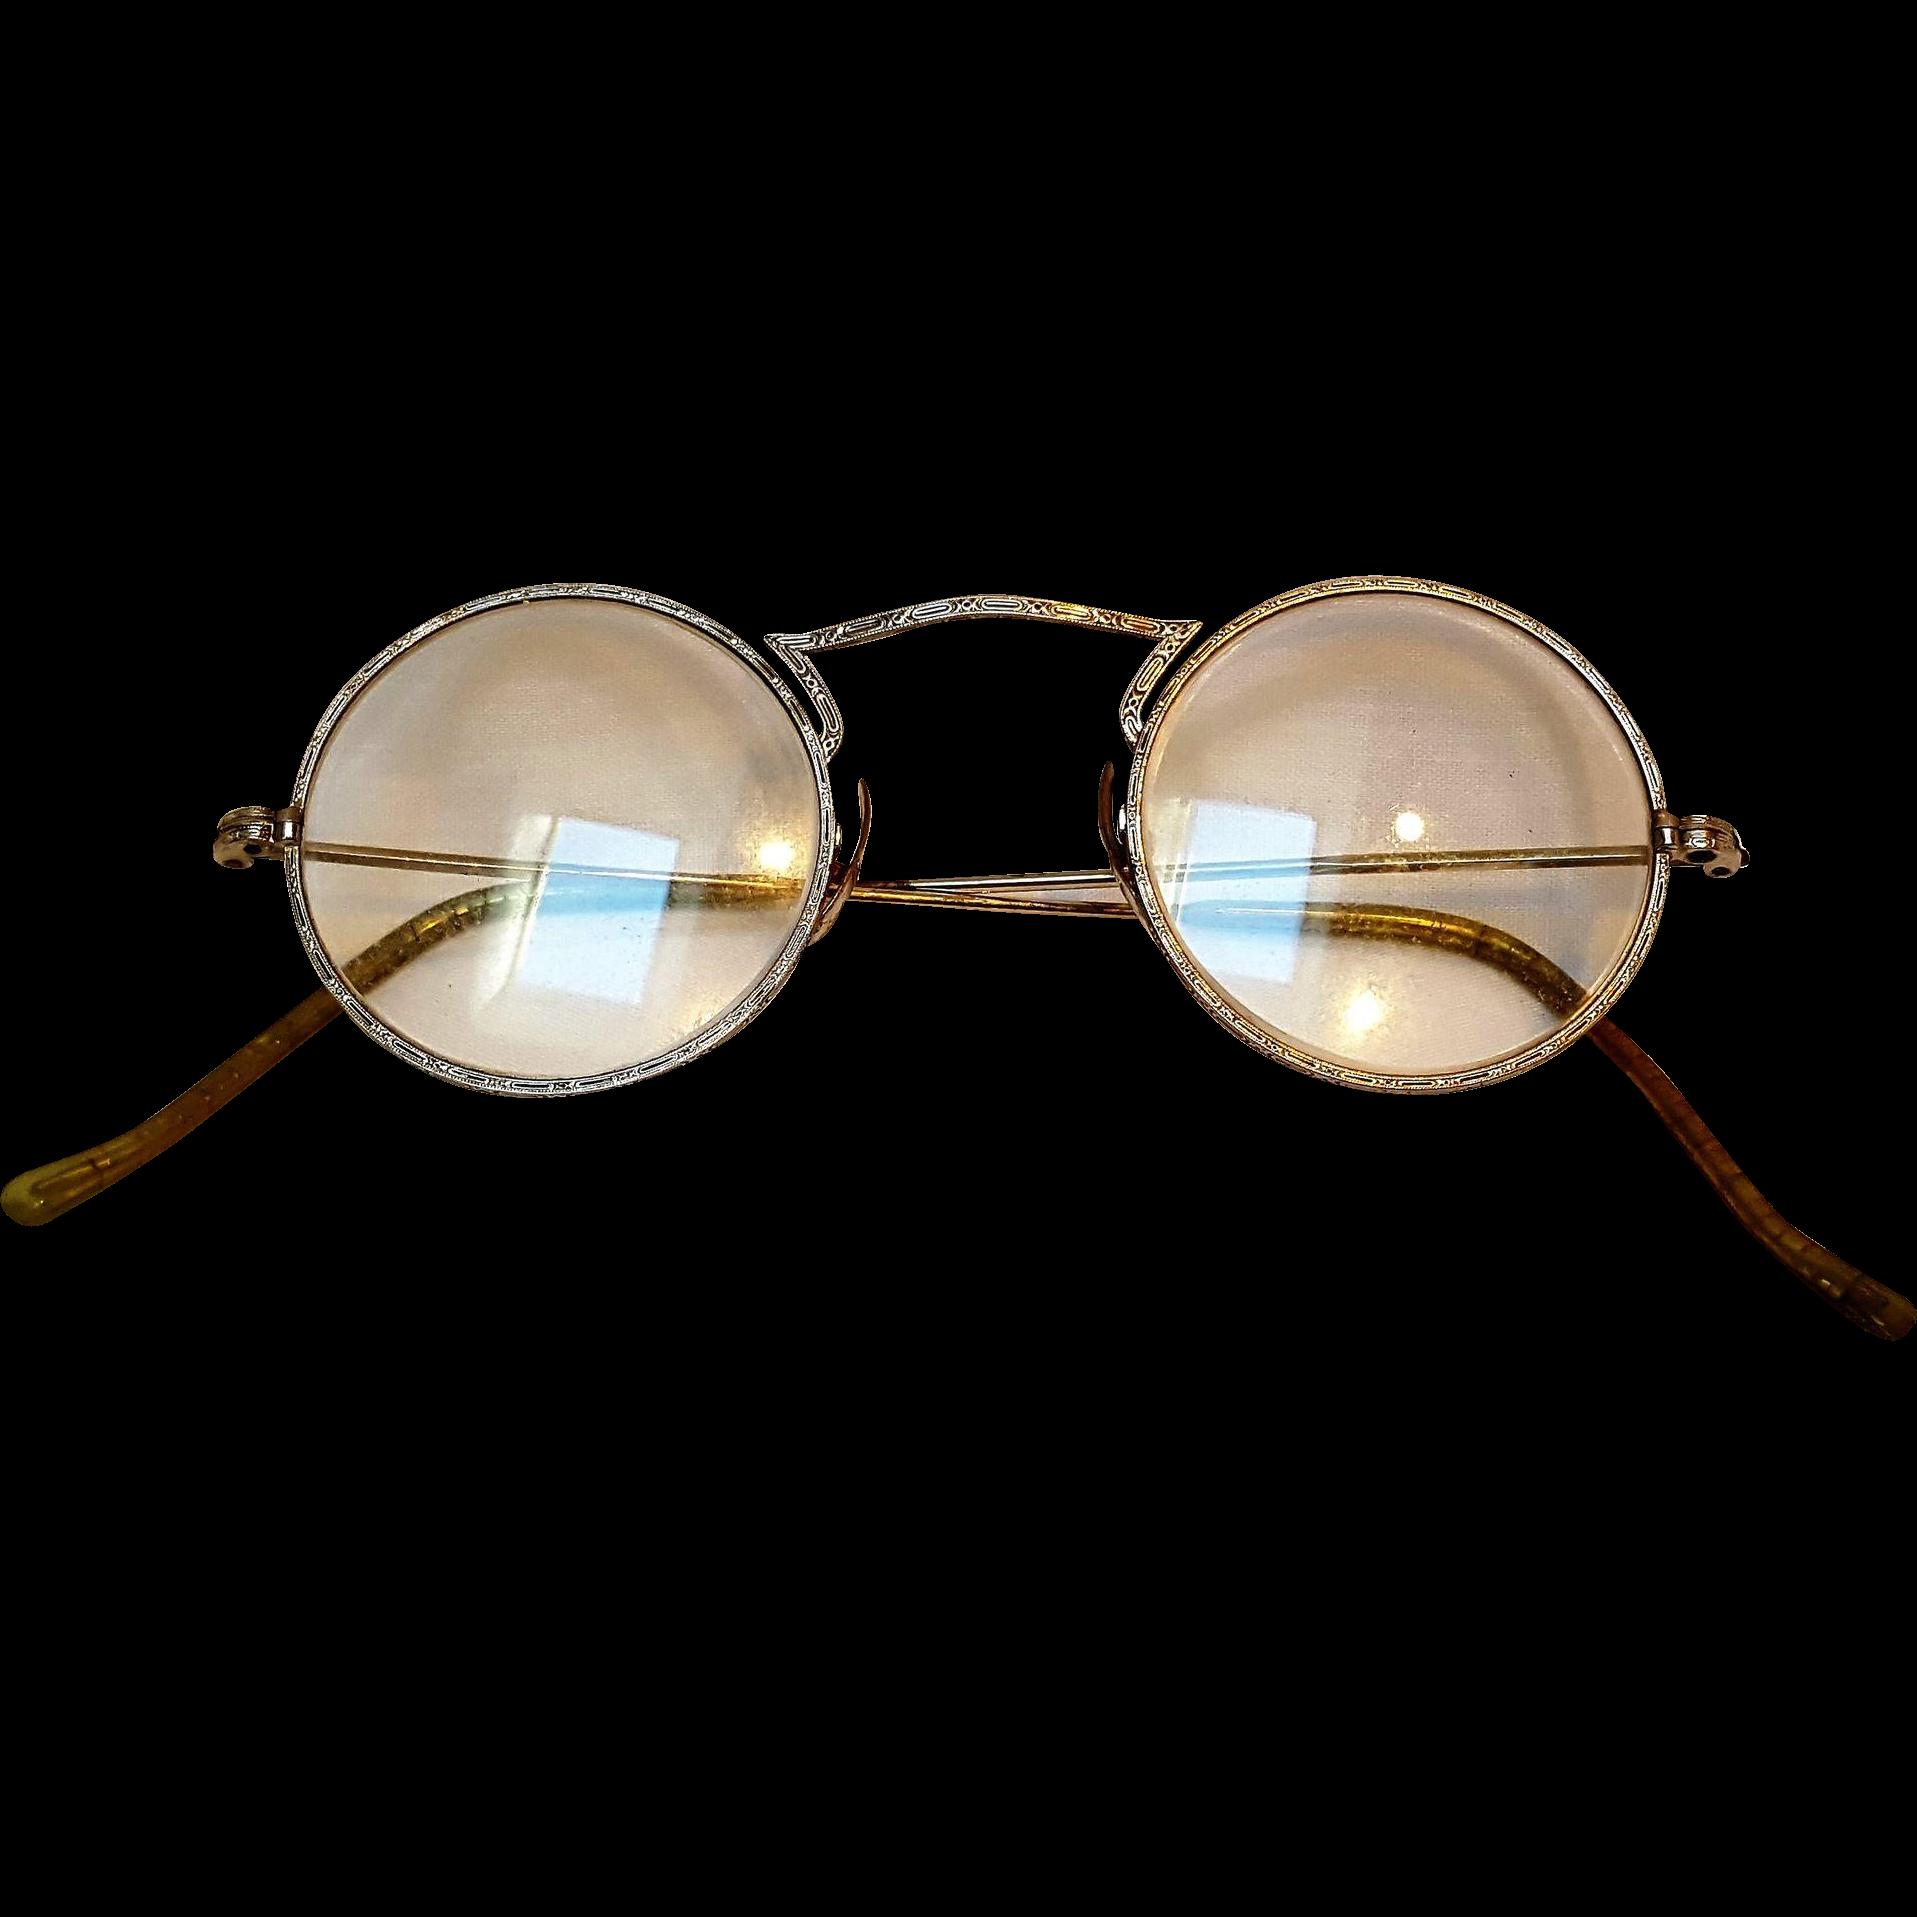 10k Gold Eyeglass Frames : Embossed eye glasses 10K white gold pads from green ...